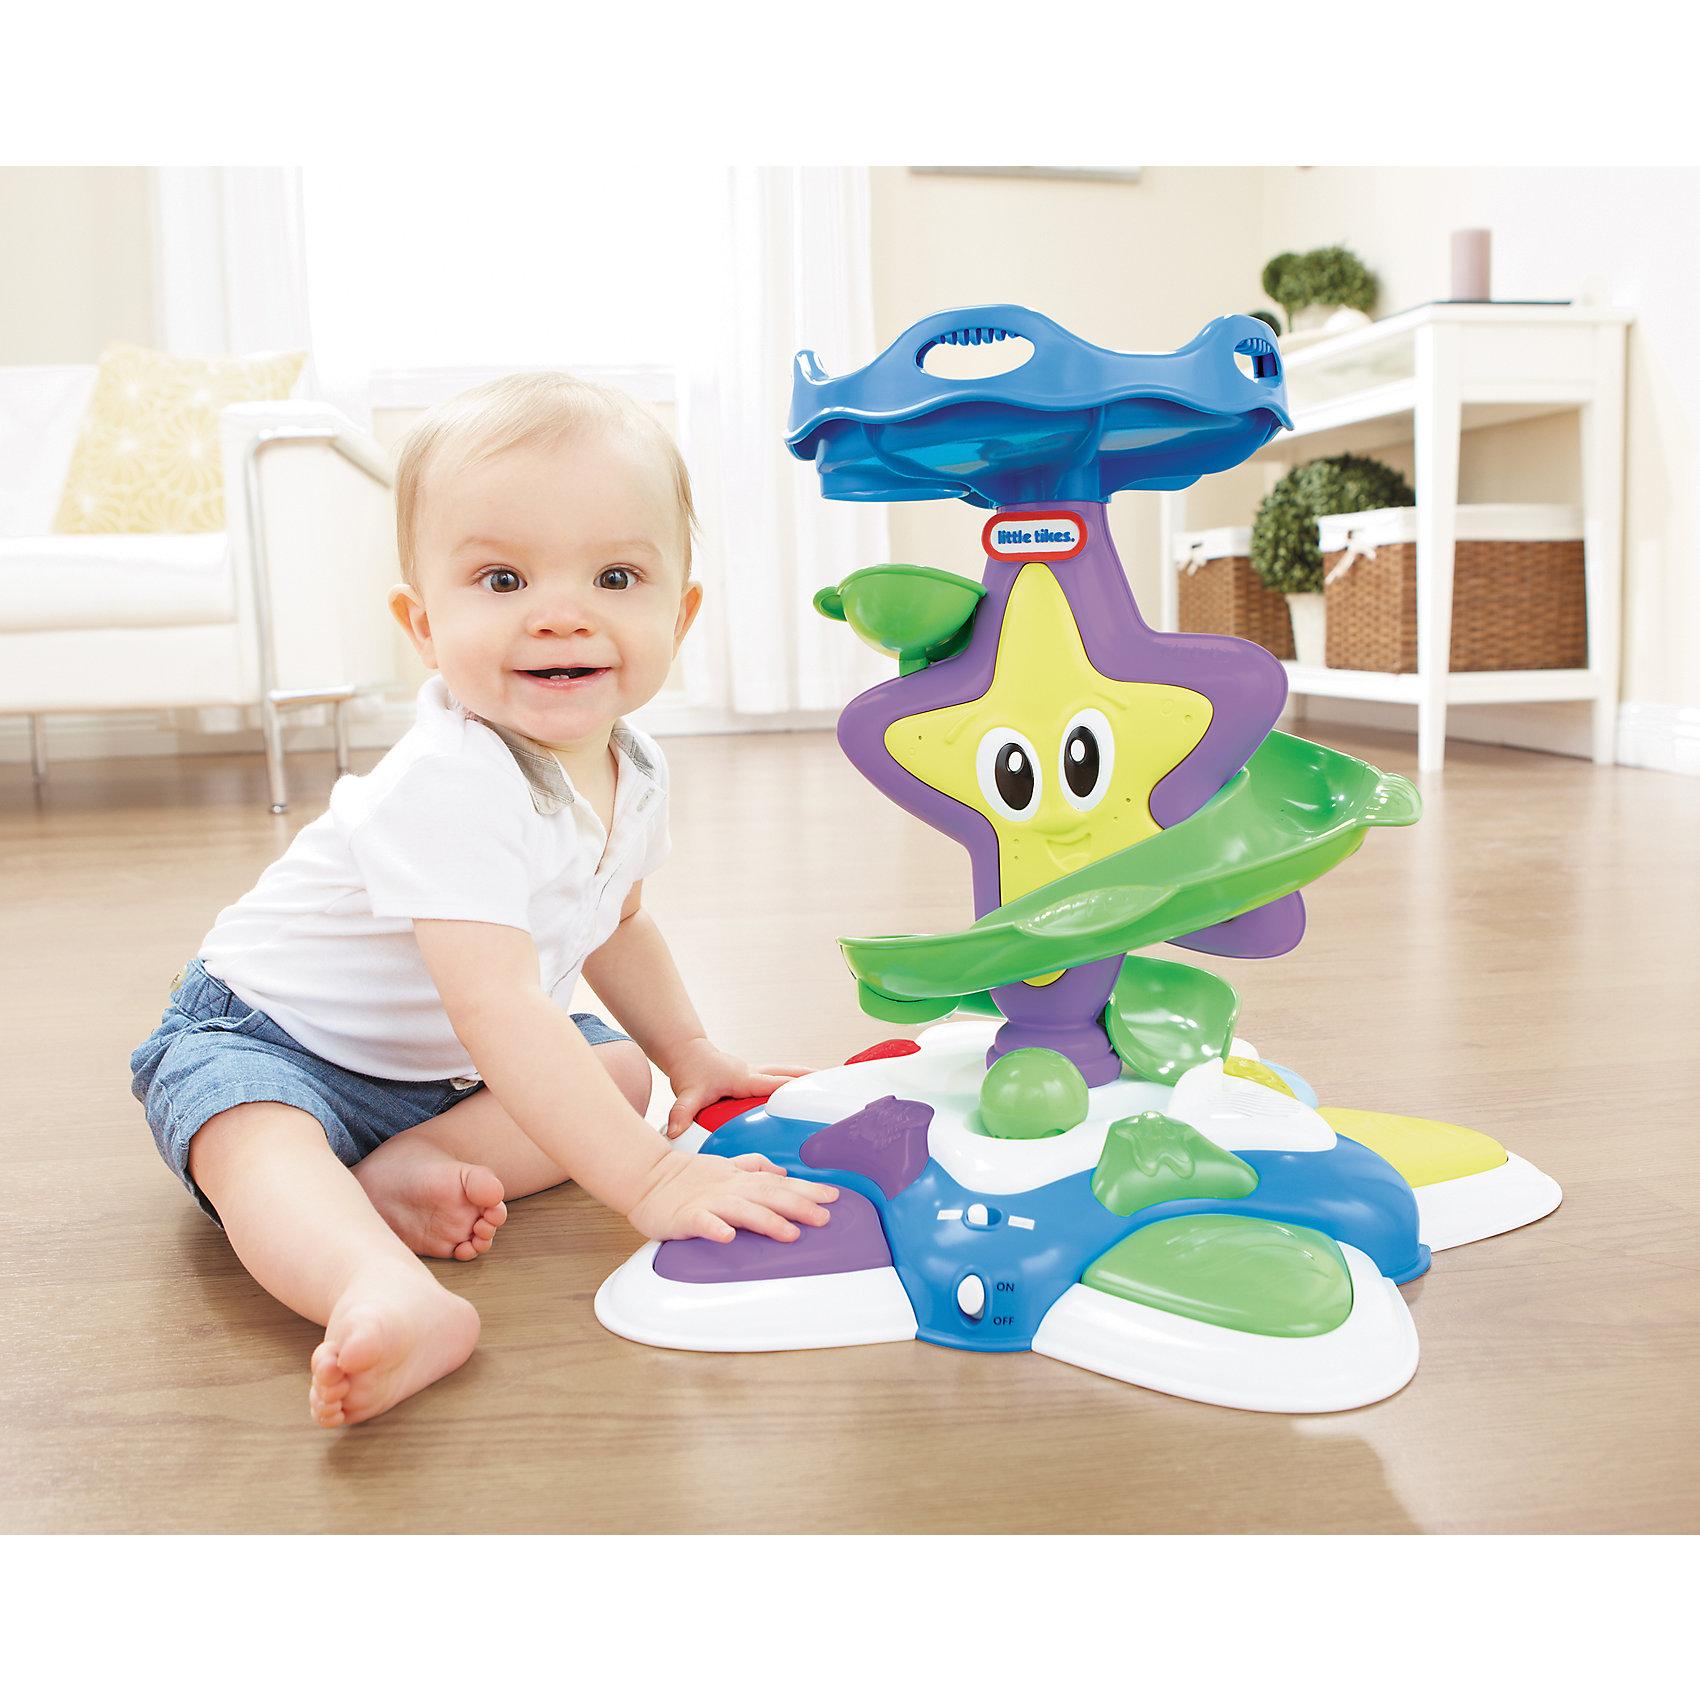 Little Tikes Развивающая игрушка Морская звезда с горкой-спиралью, со звуком и светом, Little Tikes игрушка развивающая little tikes морская звезда page 8